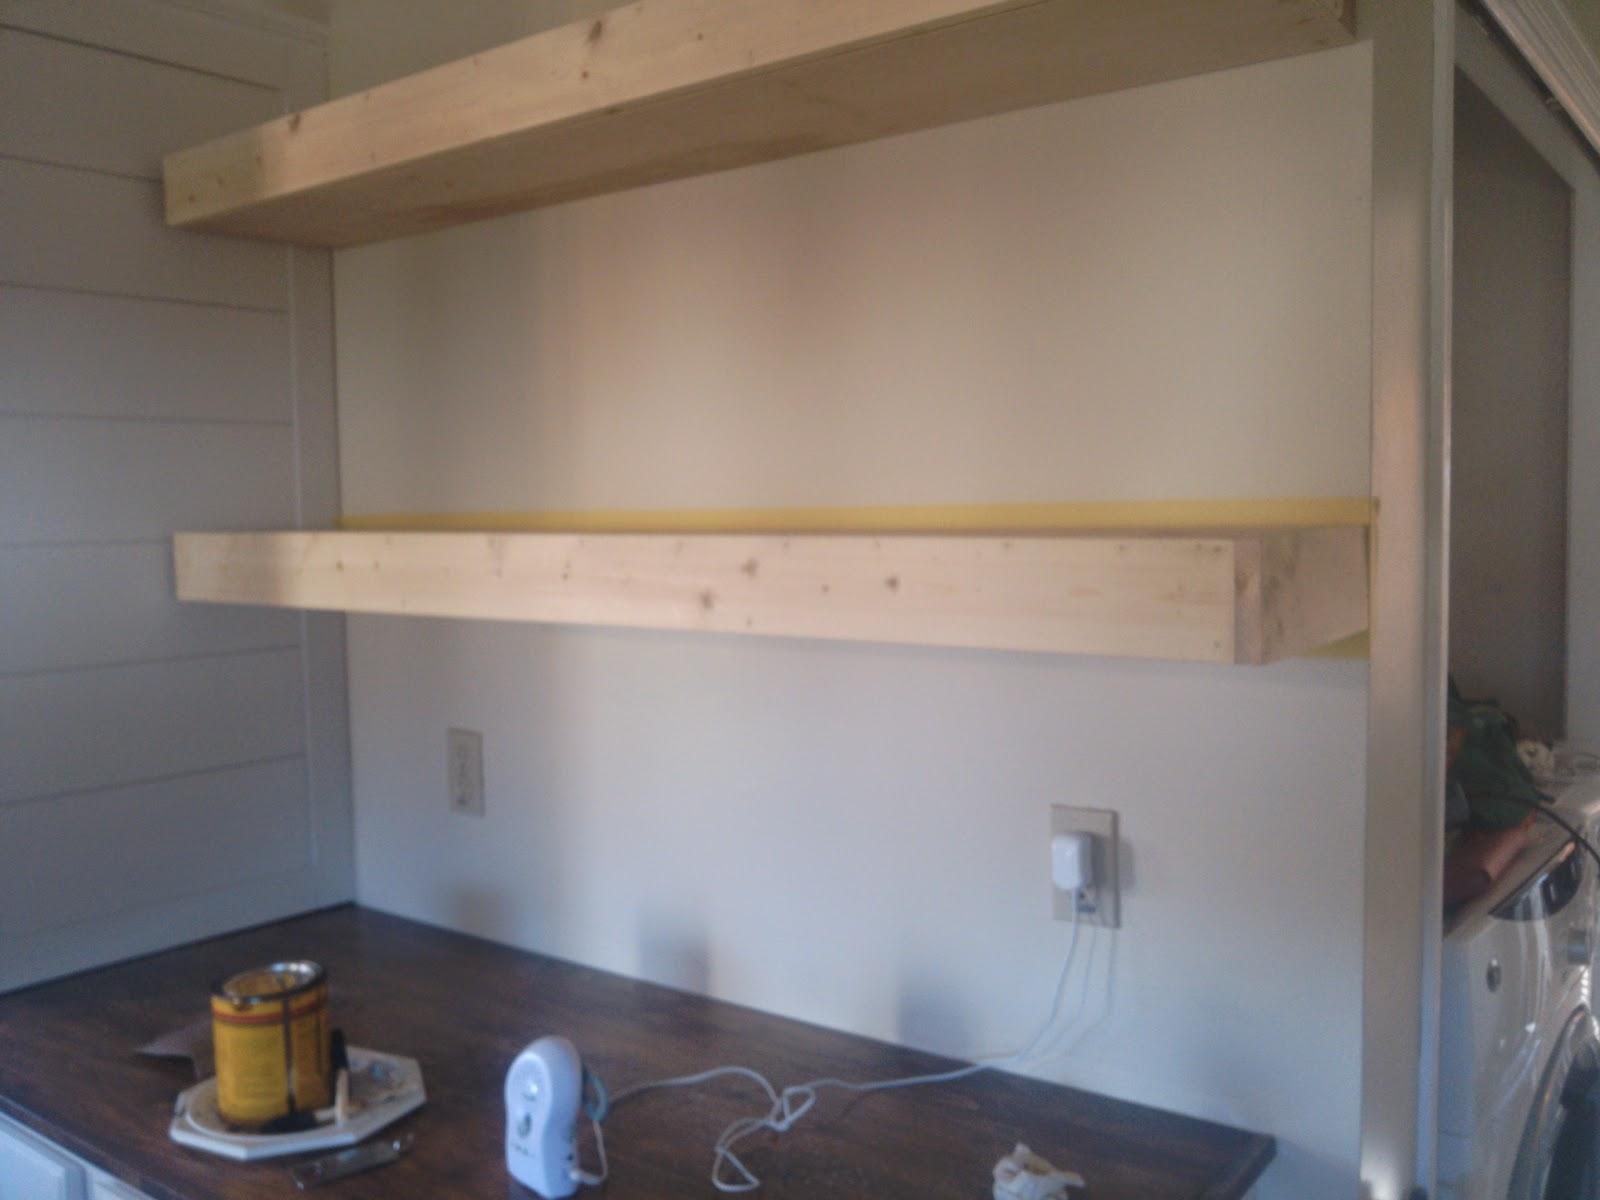 Snading Down Kitchen Worktop By Hand